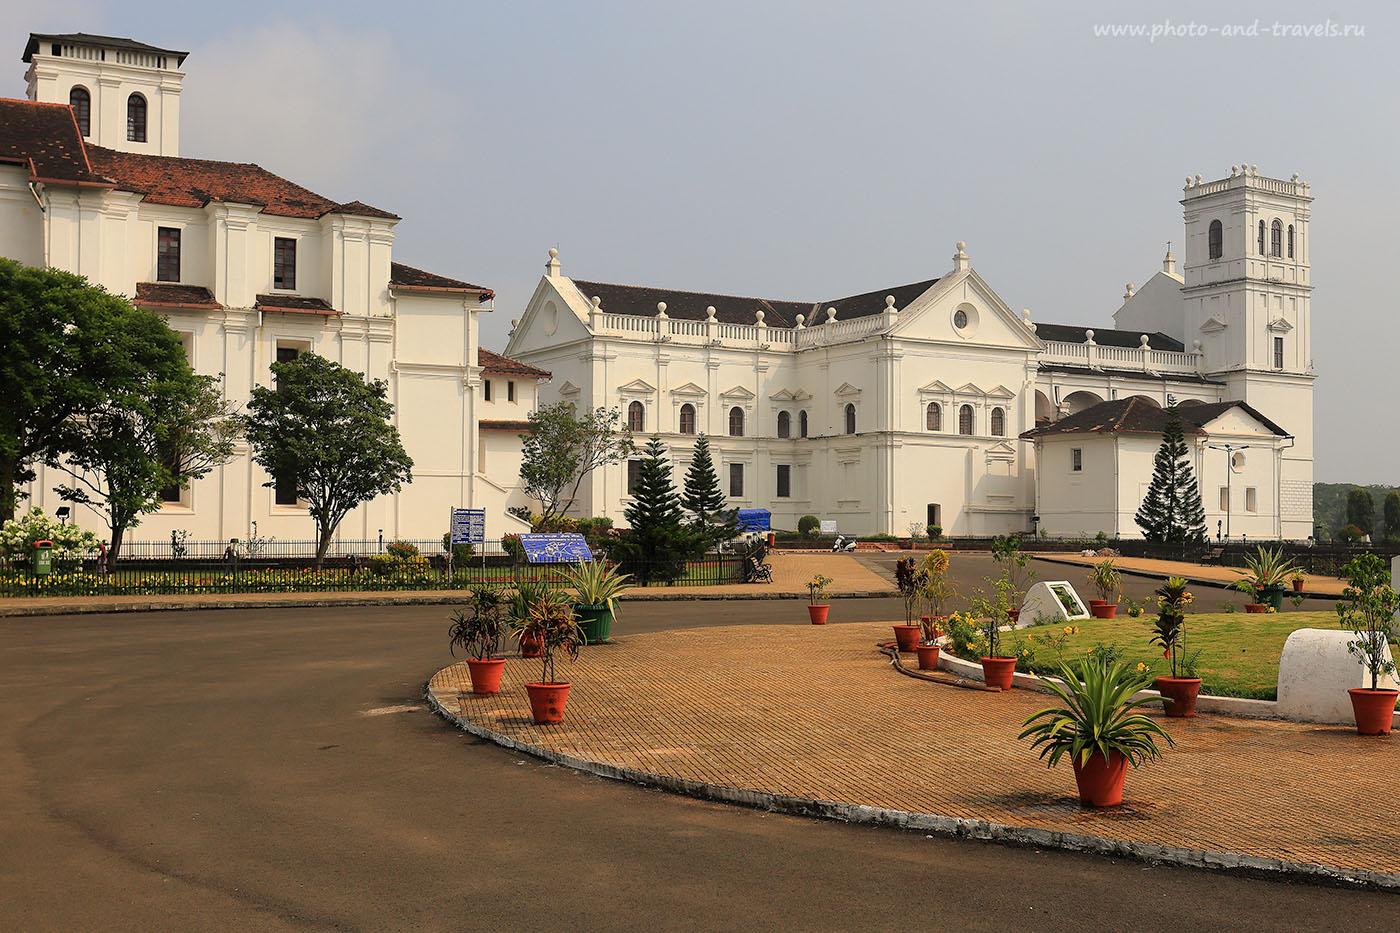 Фото 19. Кафедральный собор Св. Екатерины в Старом Гоа. Отчет о поездке в Индию в октябре (17-40, 1/250, -1eV, f9, 40mm, ISO 100)